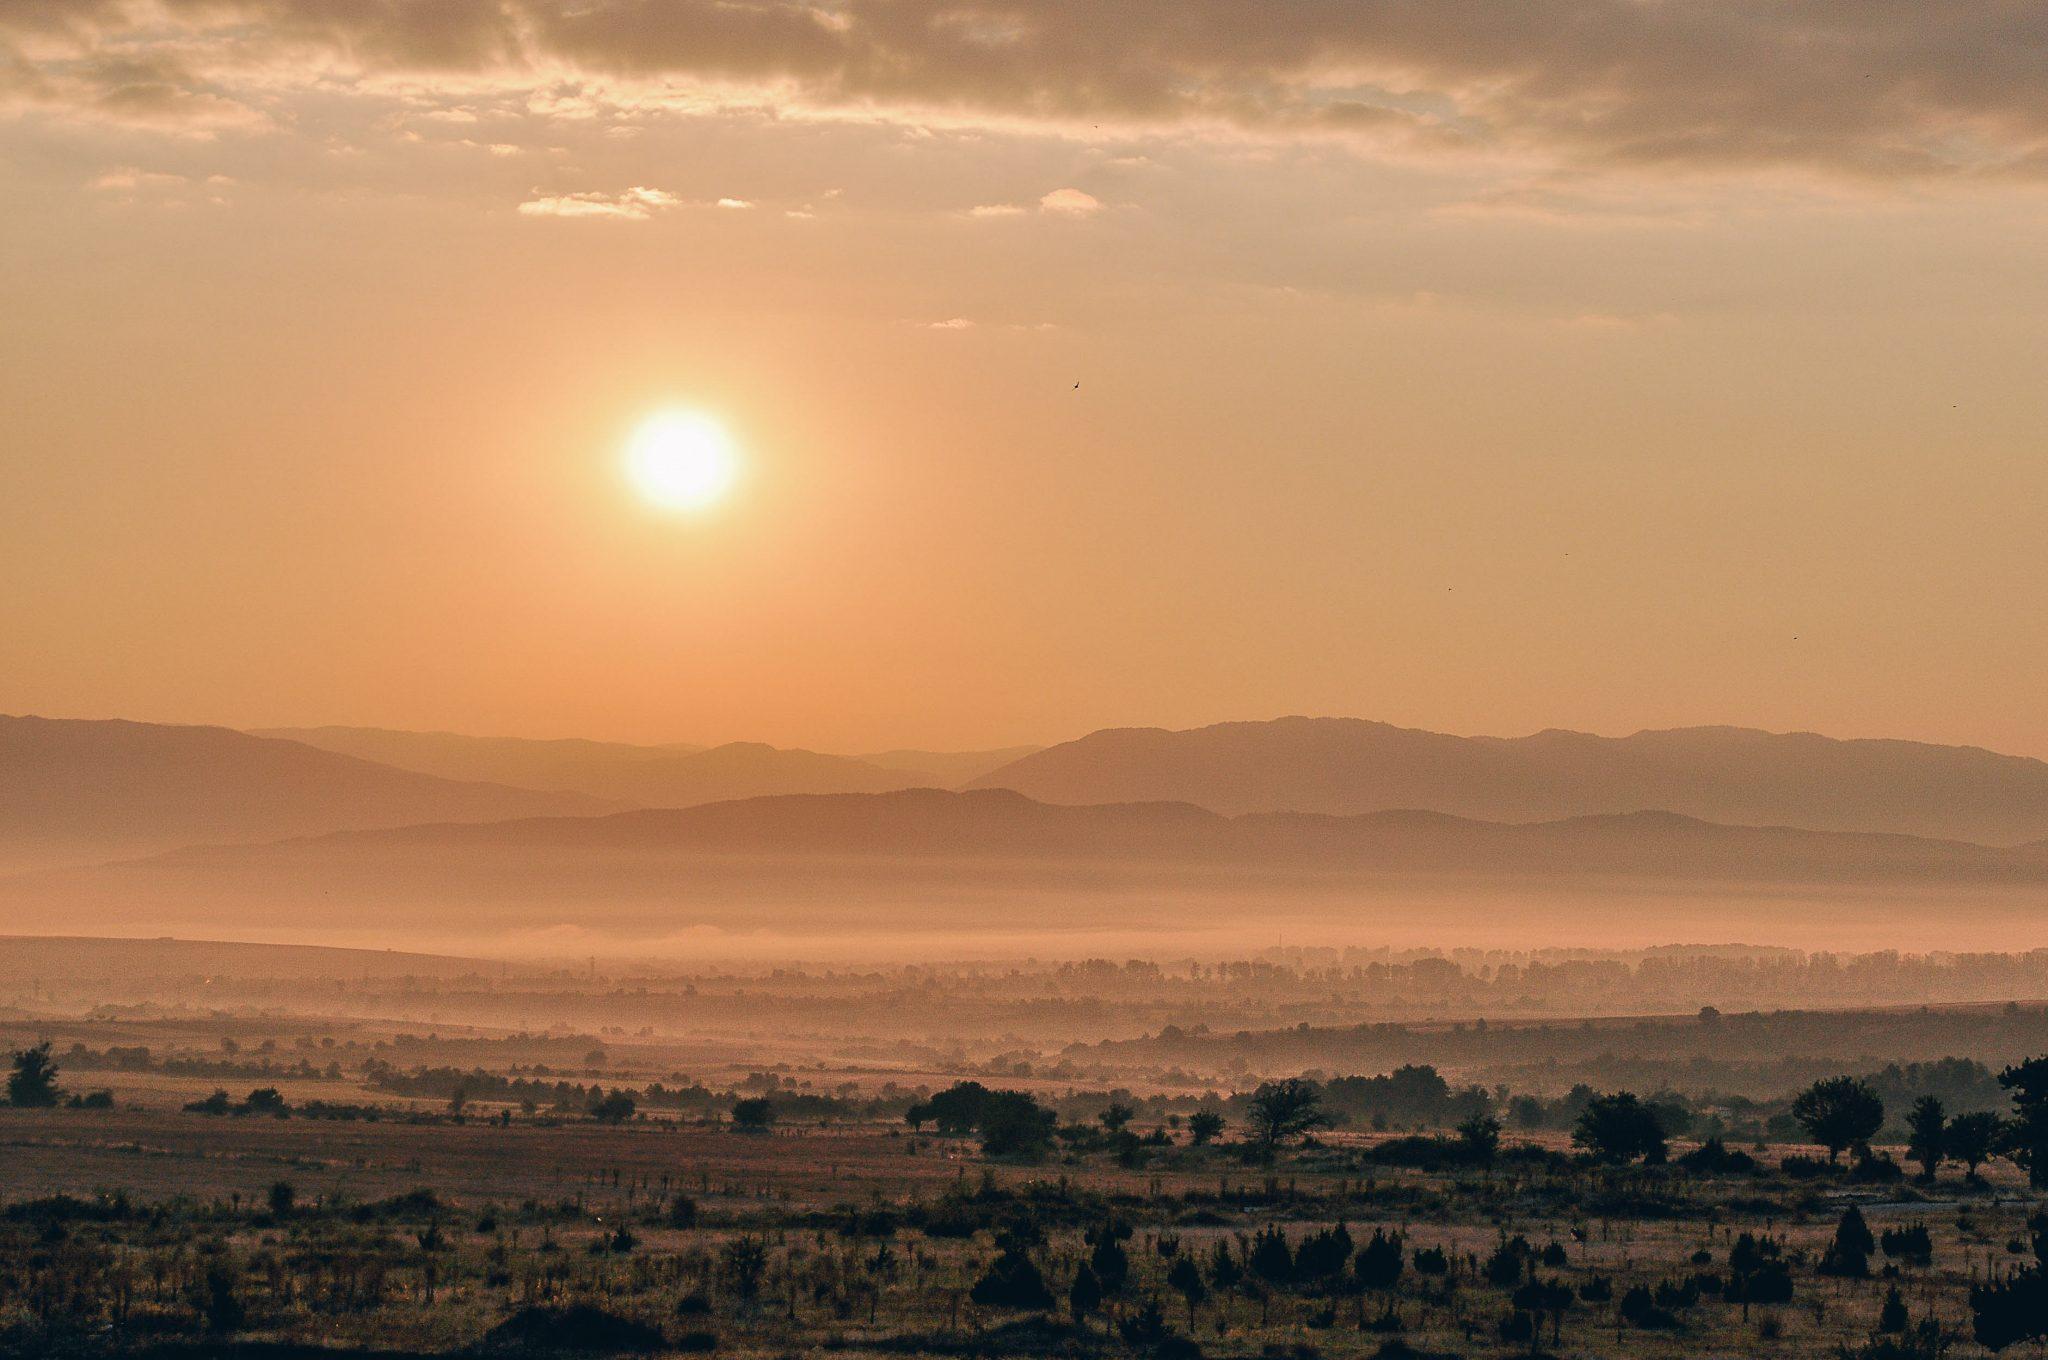 Rural sunset bearing the inspiring views